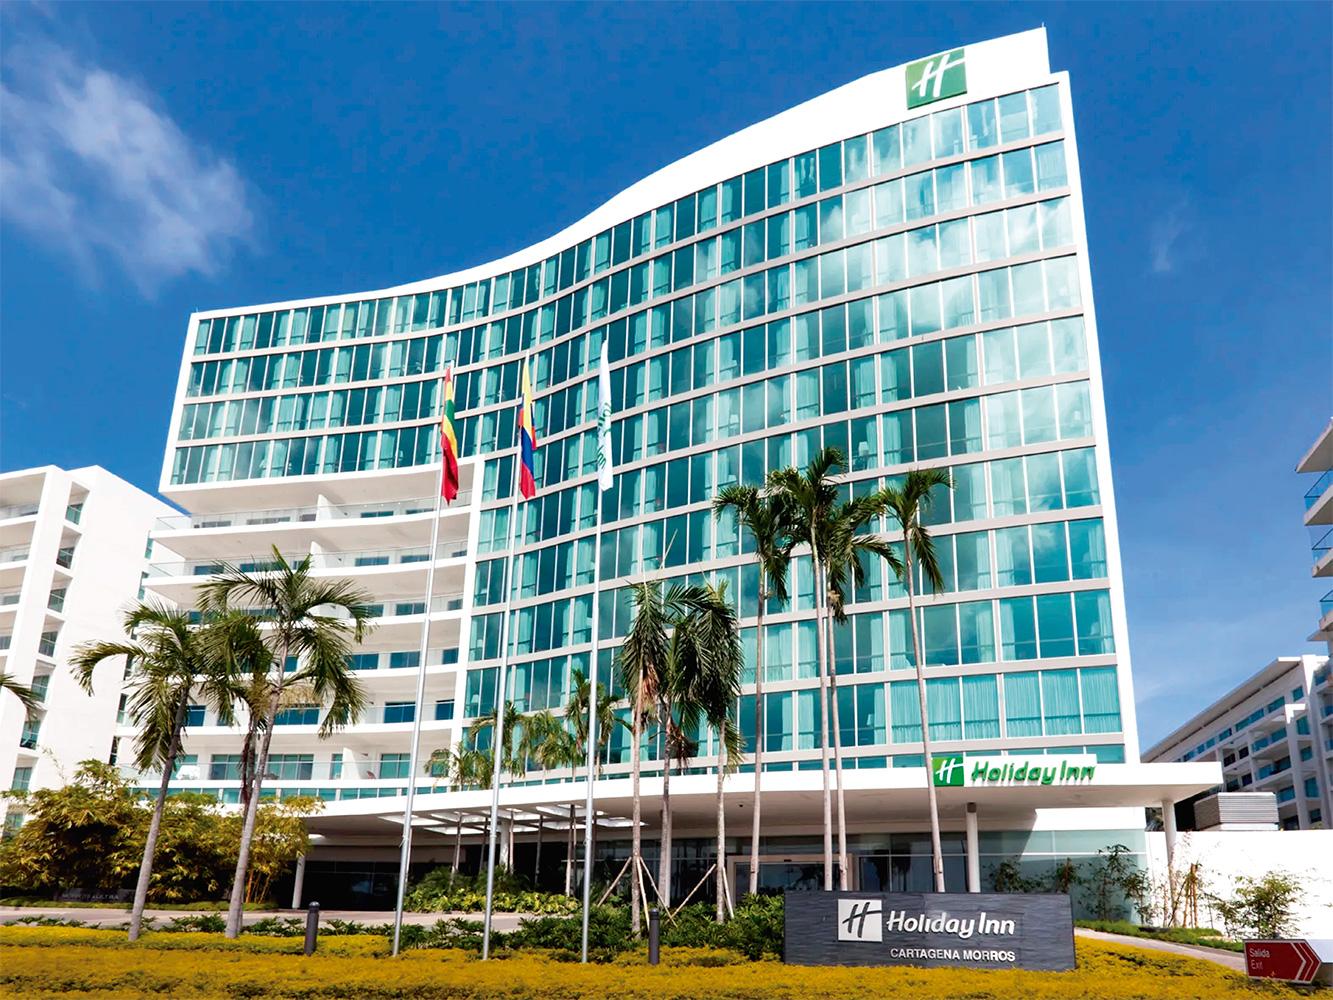 HOTEL HOLIDAY INN MORROS CARTAGENA 01